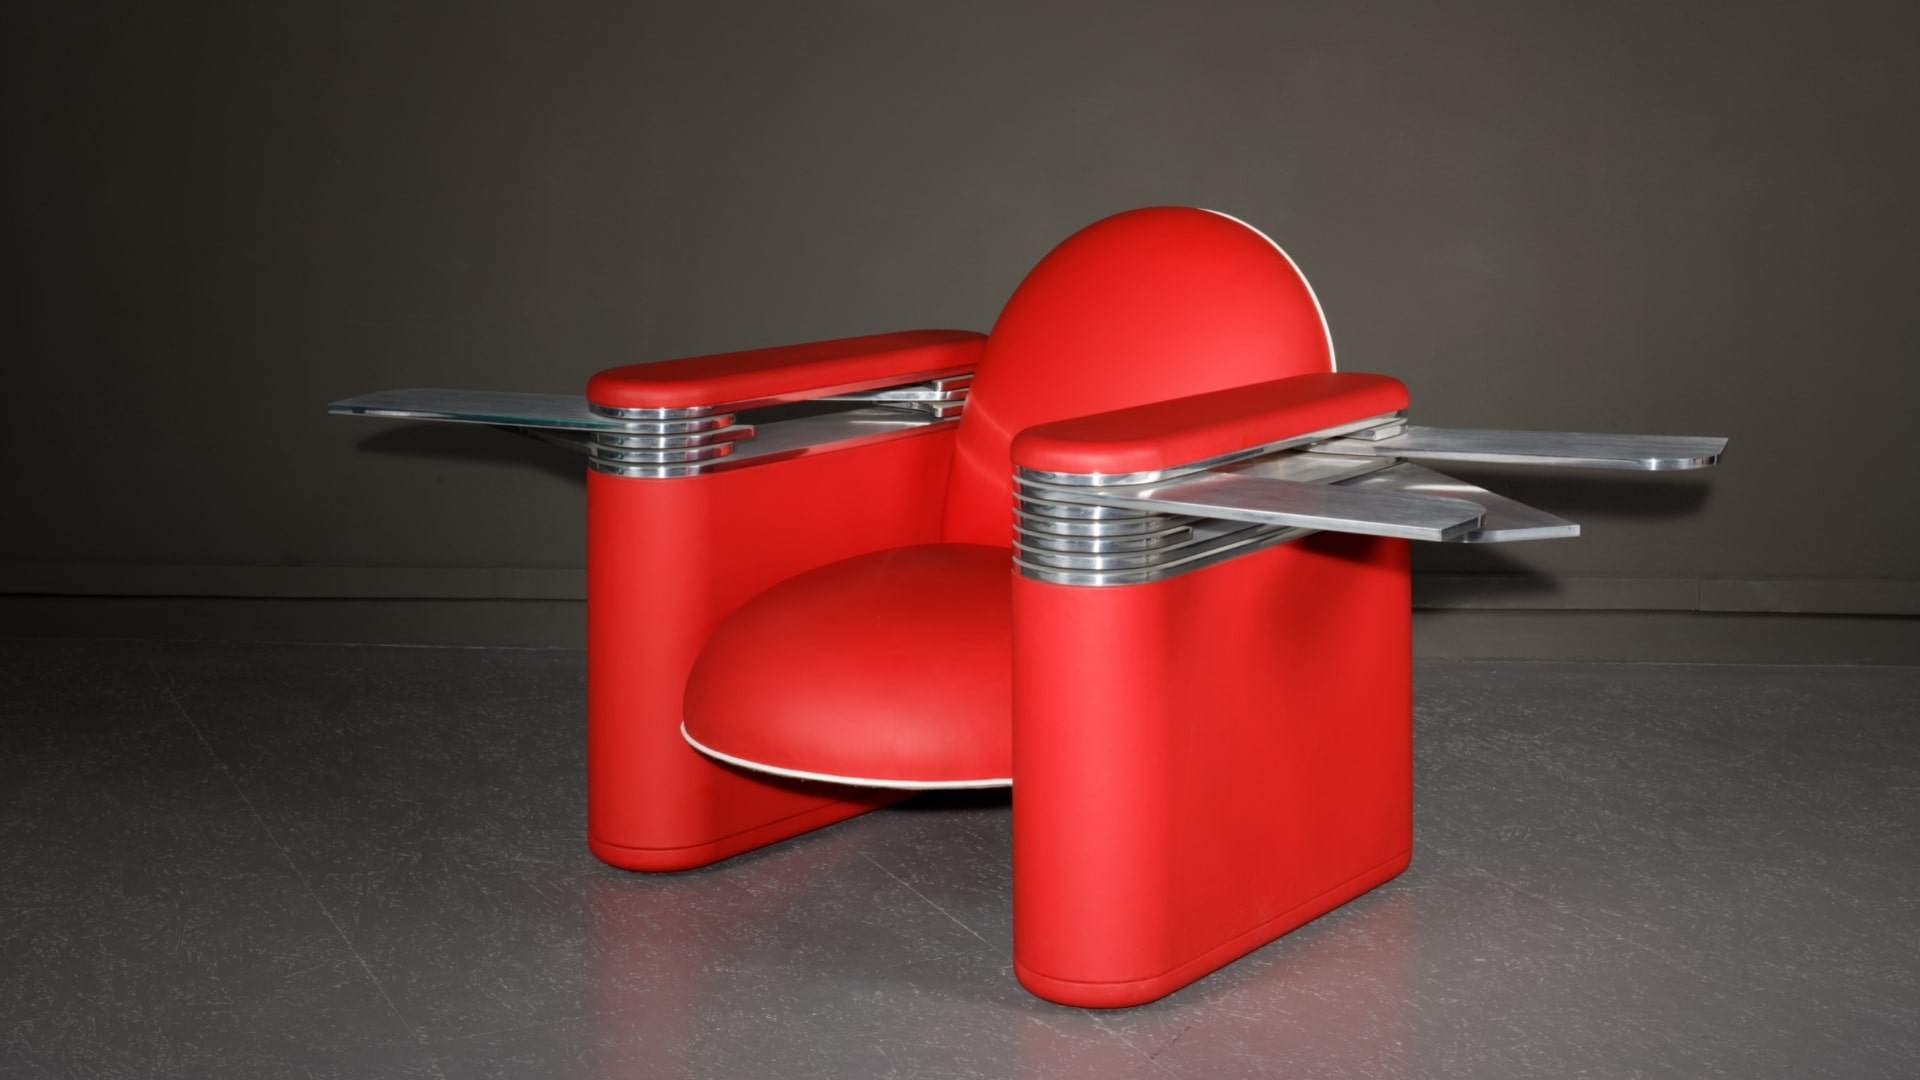 Le tabouret Pleats, de la designer Odile Decq, réalisé par Domeau et Pérès